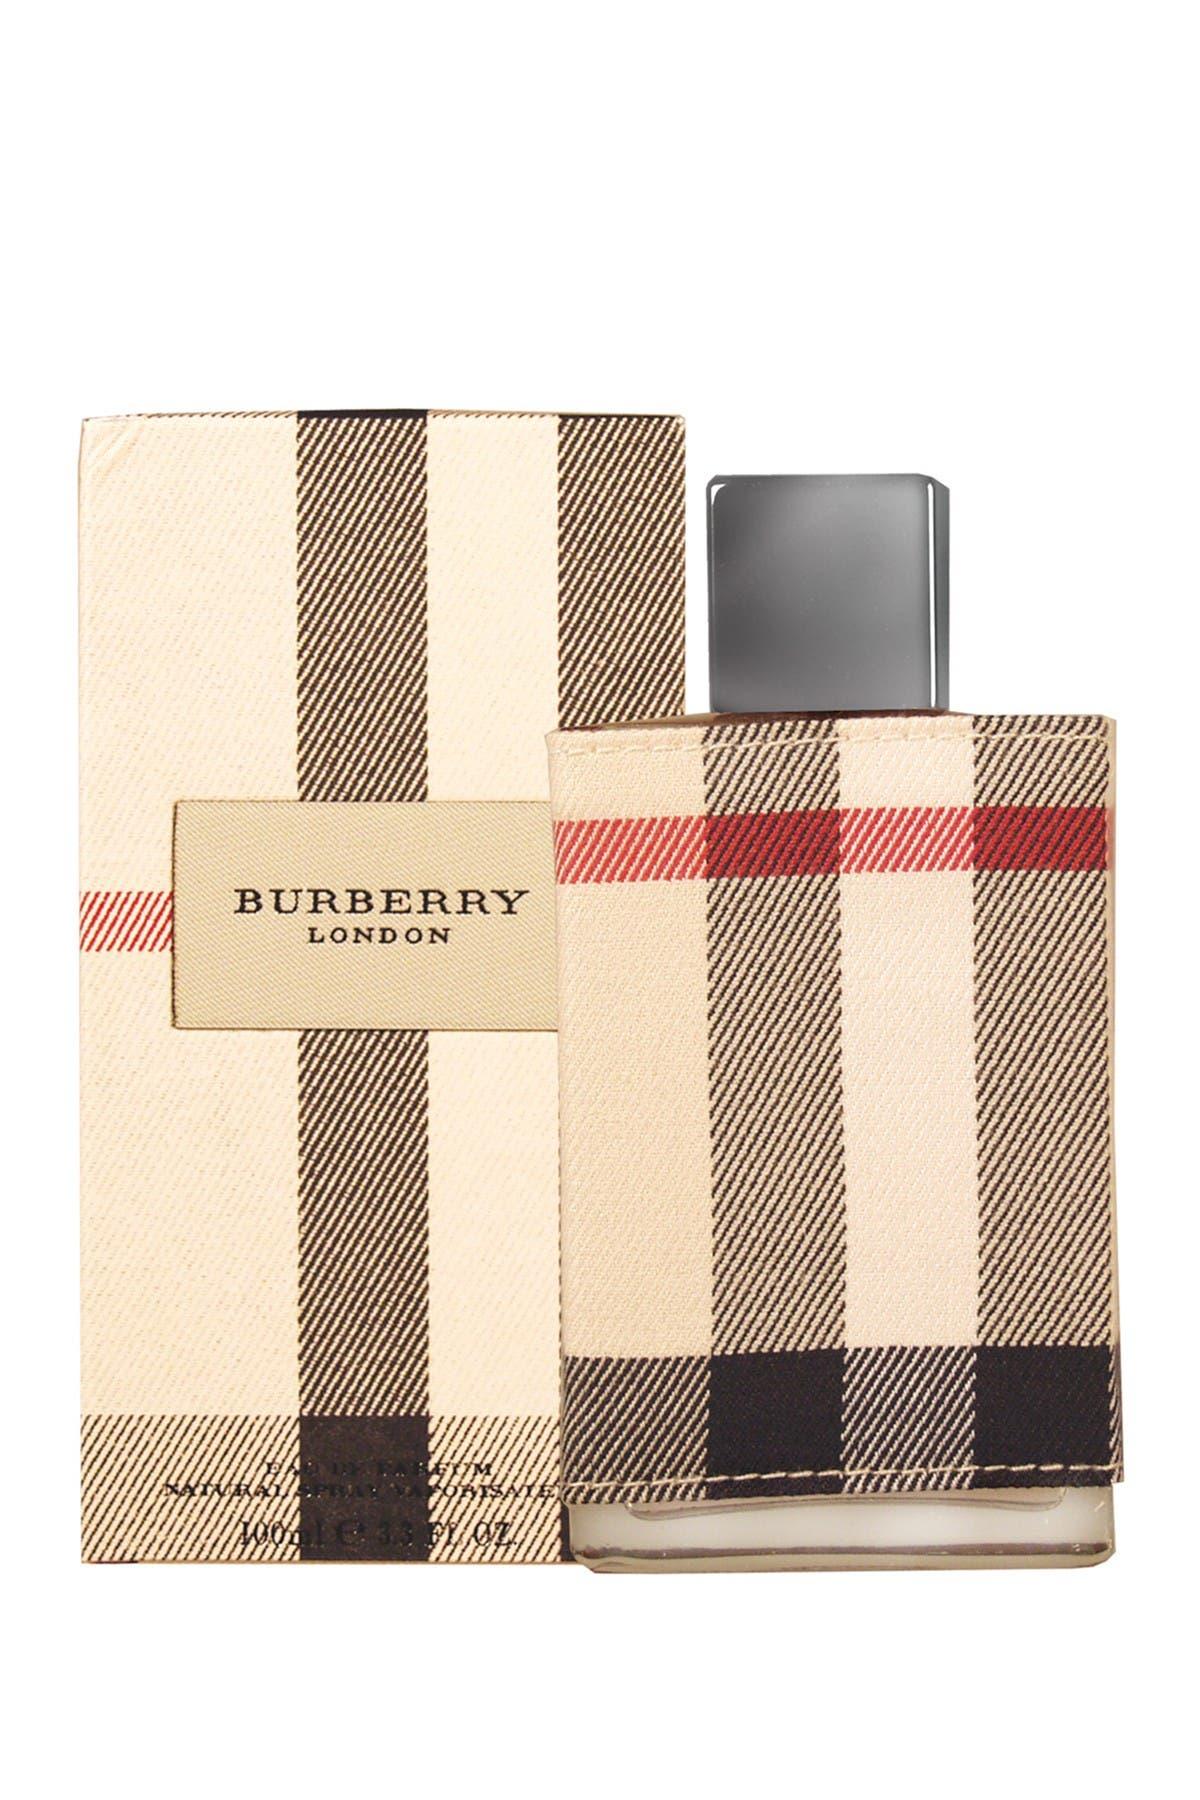 Image of Burberry London Eau de Parfum Spray - 3.3 fl. oz.